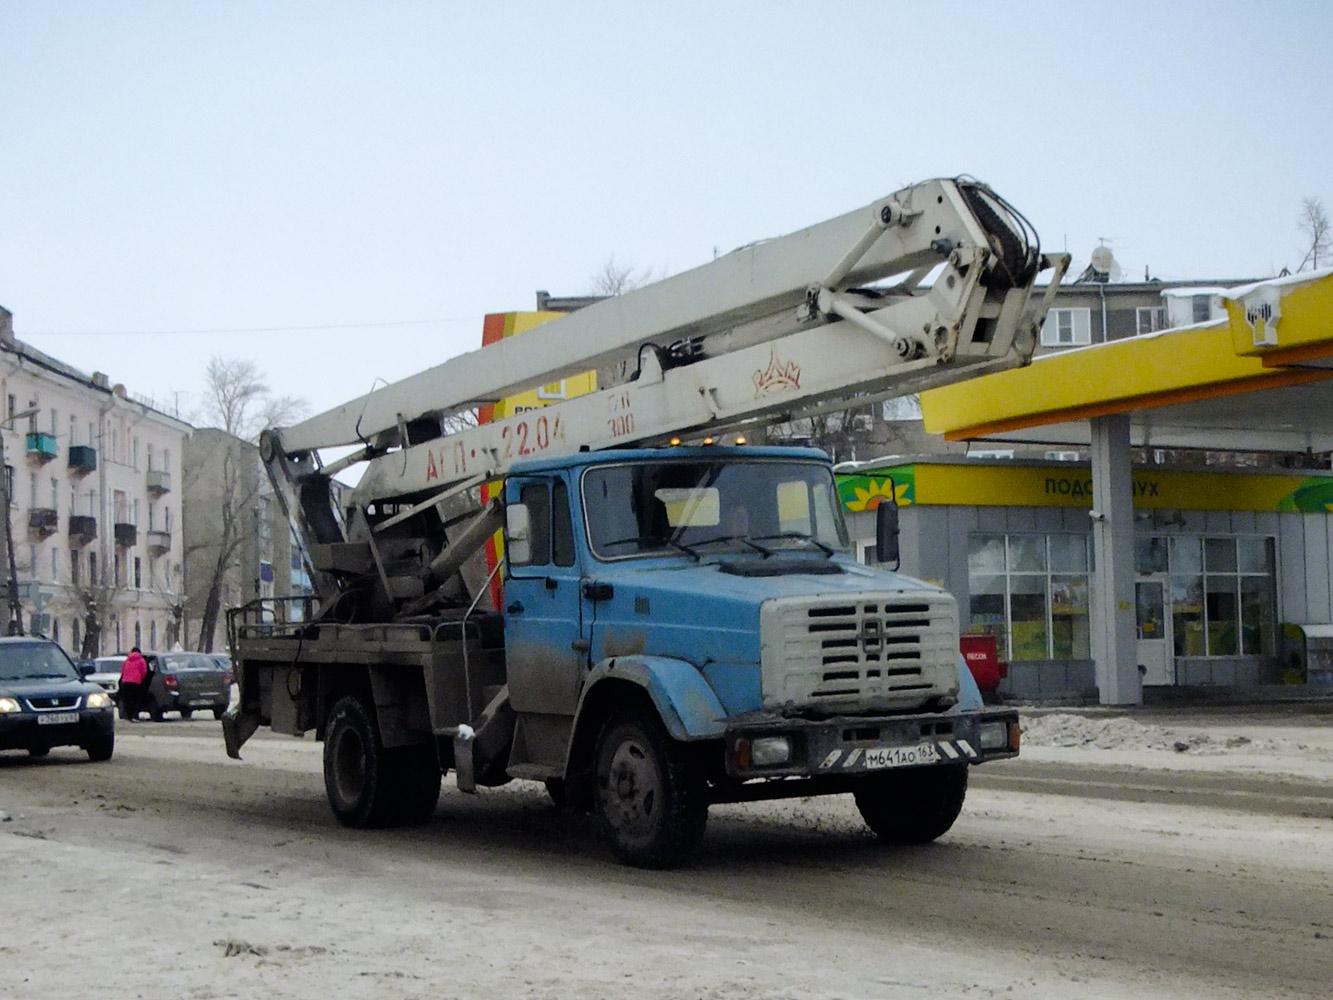 АГП-22.04 на базе ЗиЛ-4333 #М 641 АО 163. Самарская область, Сызрань, улица Фридриха Энгельса